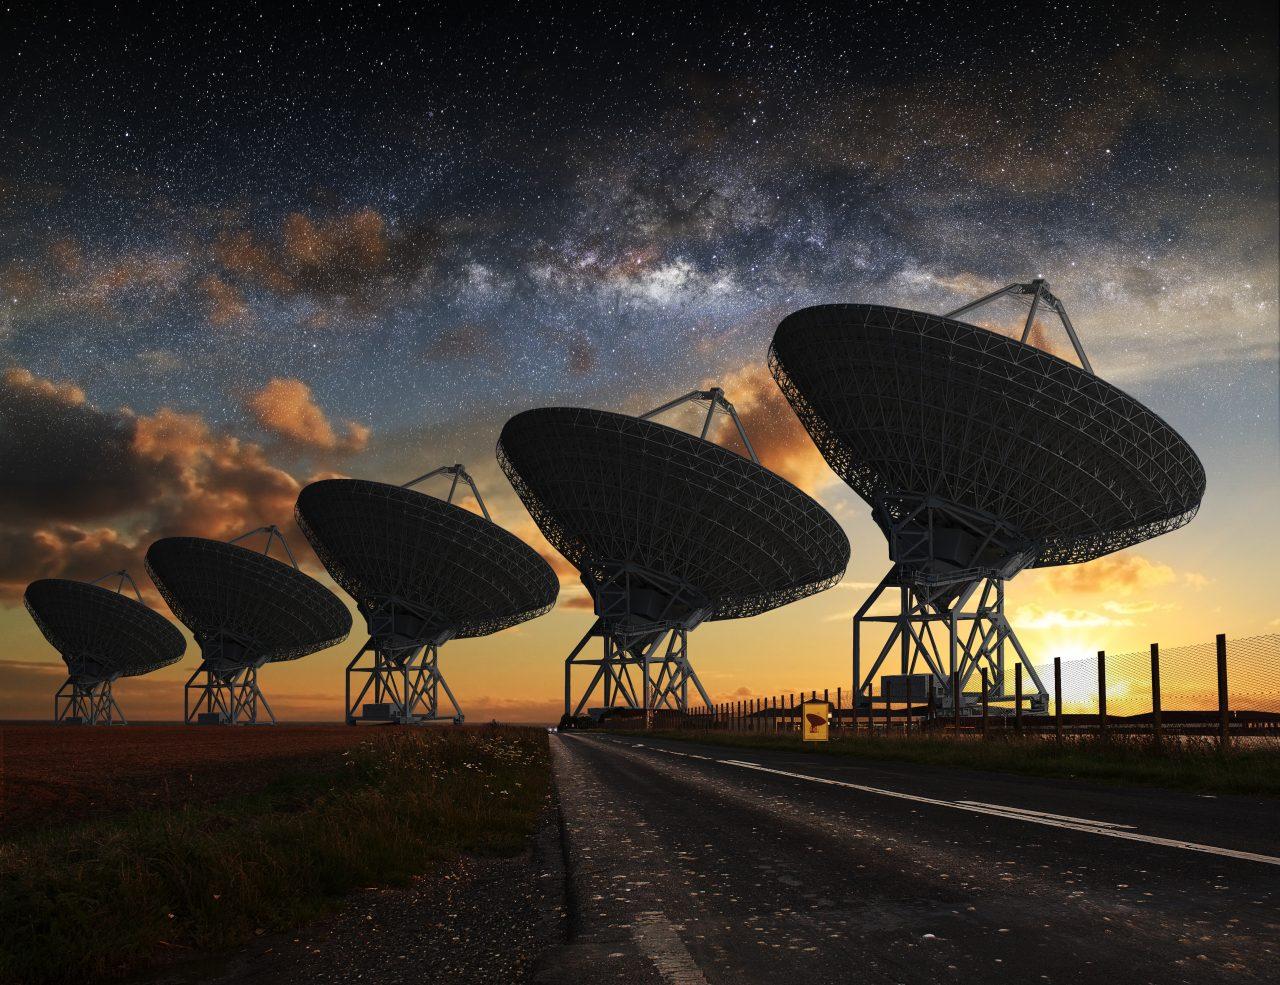 Viaggio astronomico california radiotelescopi